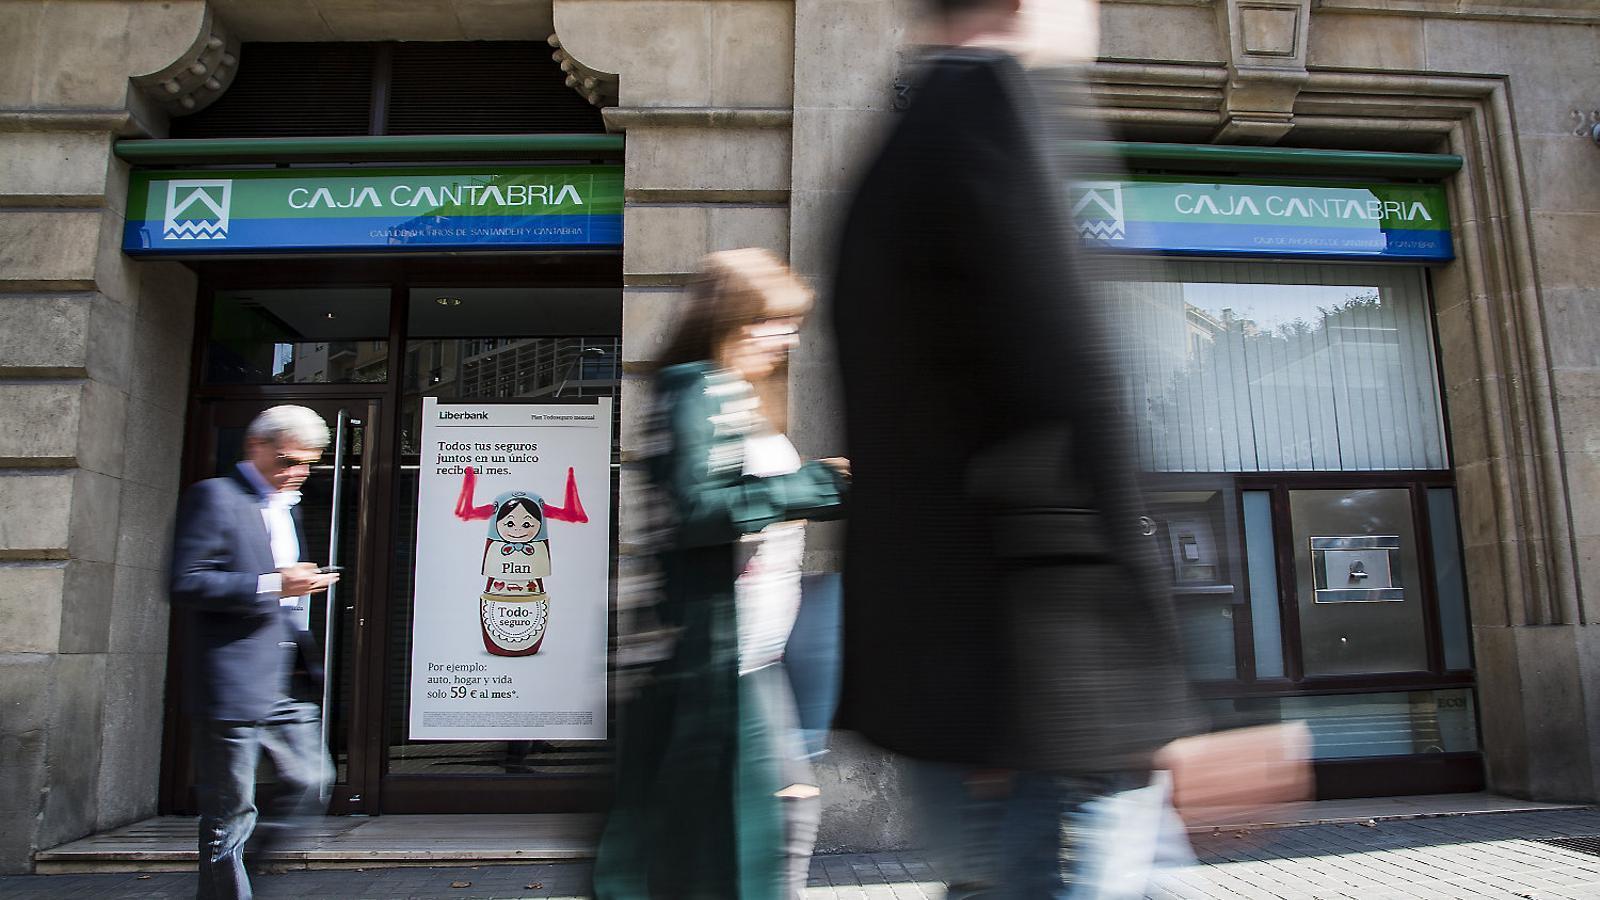 Liberbank perd un 17% més  en borsa i agreuja la seva caiguda